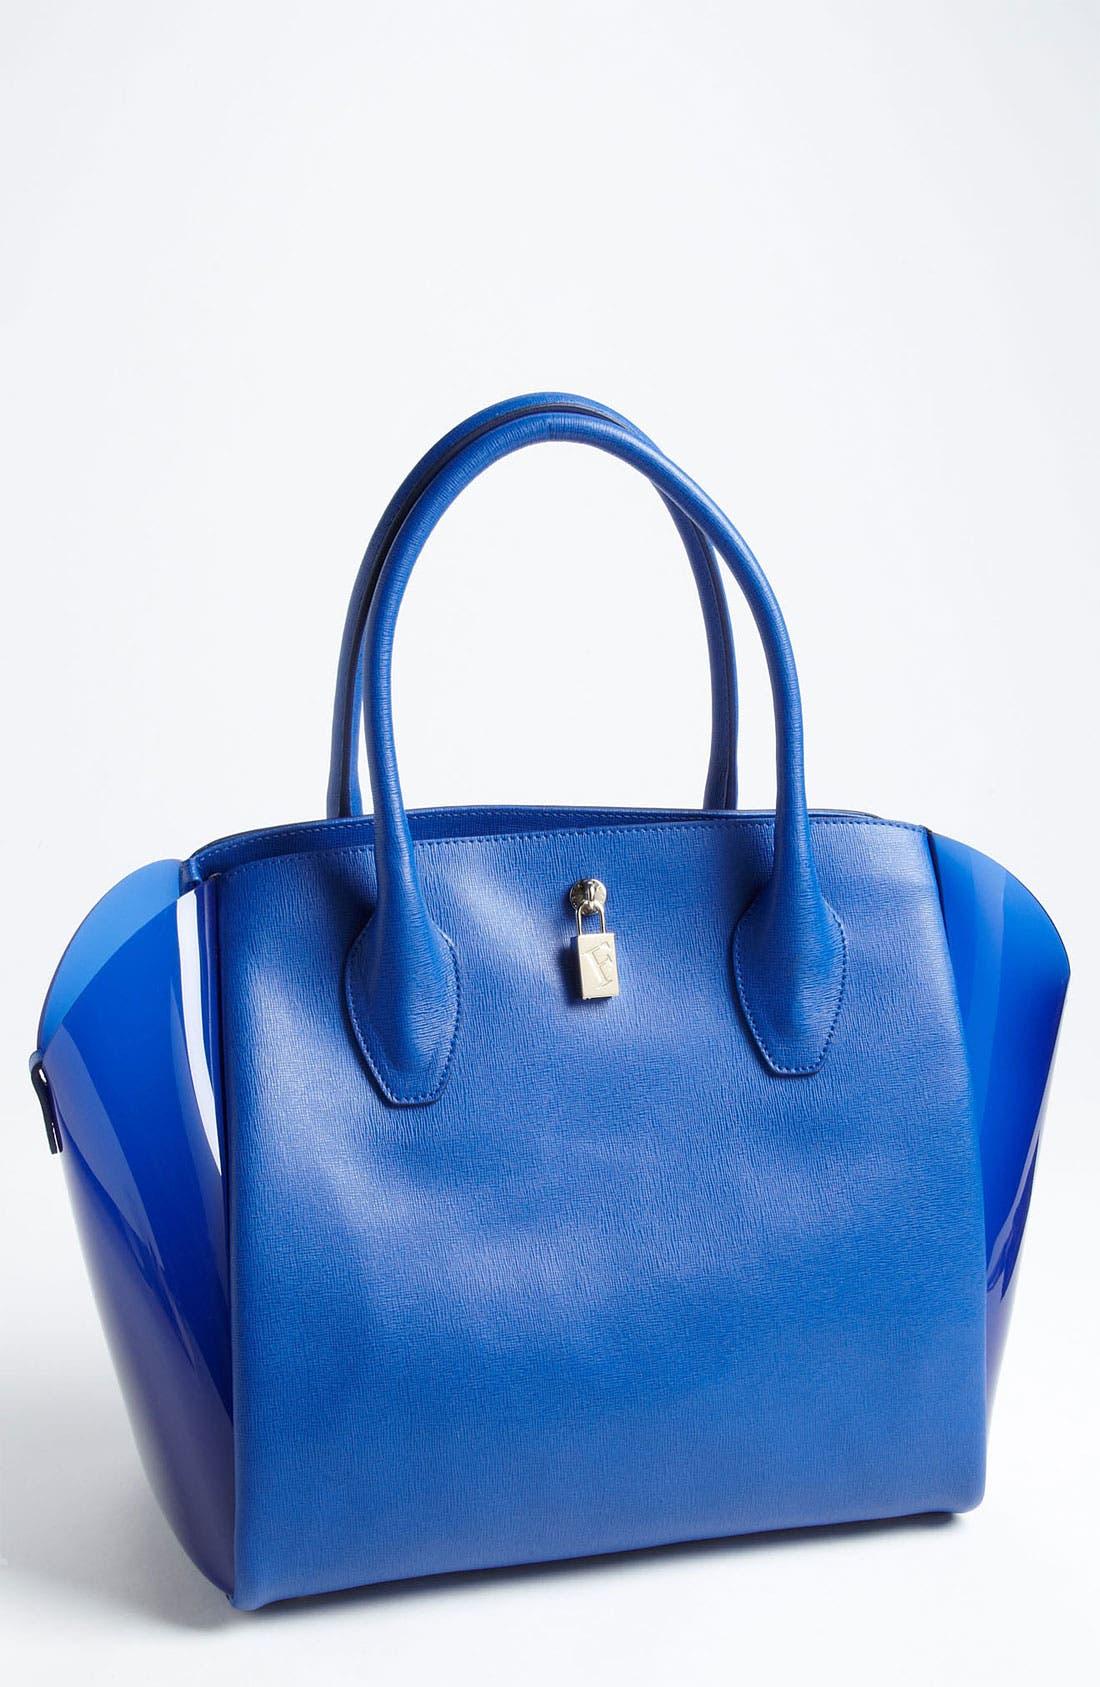 Main Image - Furla 'Olimpia - Medium' Shopper